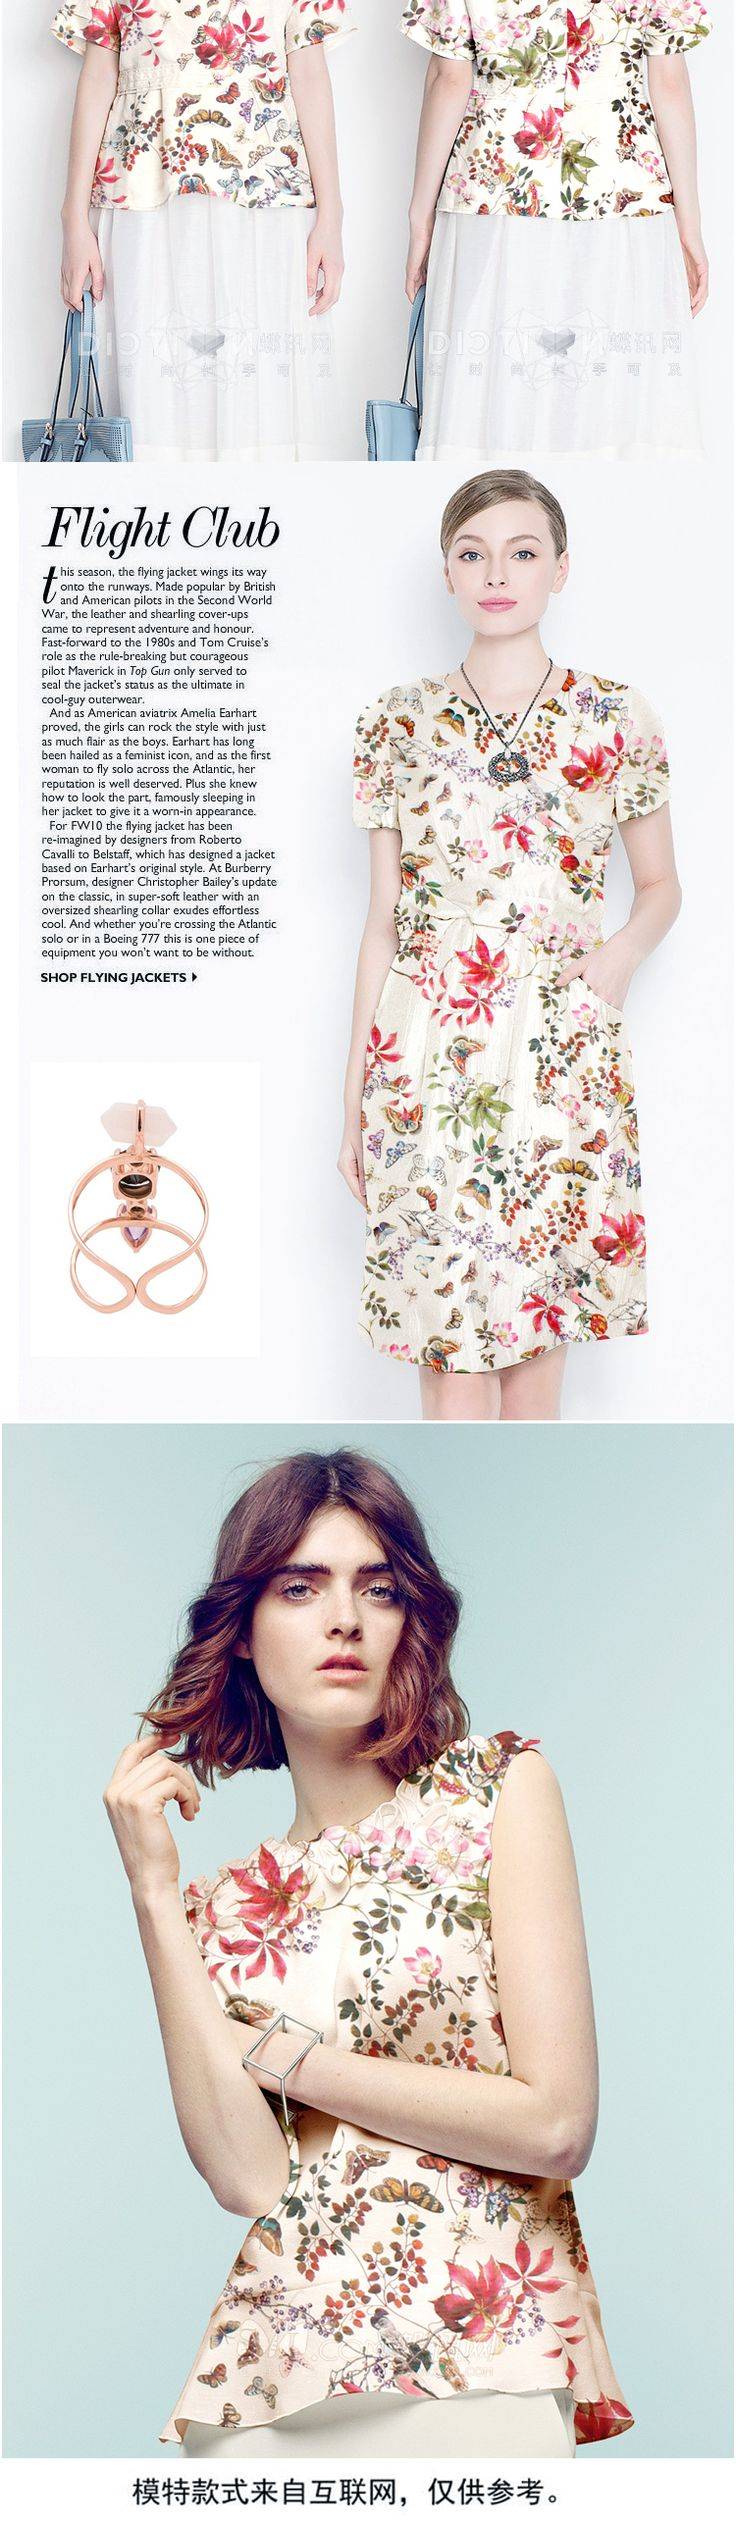 Butterfly kwiaty pościel jedwabna tkanina sukni koszula luz hurtową druku cyfrowego materiał do szycia w  czerwony jedwab len tkanina sukni cheongsam Hanfu jedwabiu i konopie kwiat tkaniny druku cyfrowego materiał do sz od Tkaniny na Aliexpress.com | Grupa Alibaba